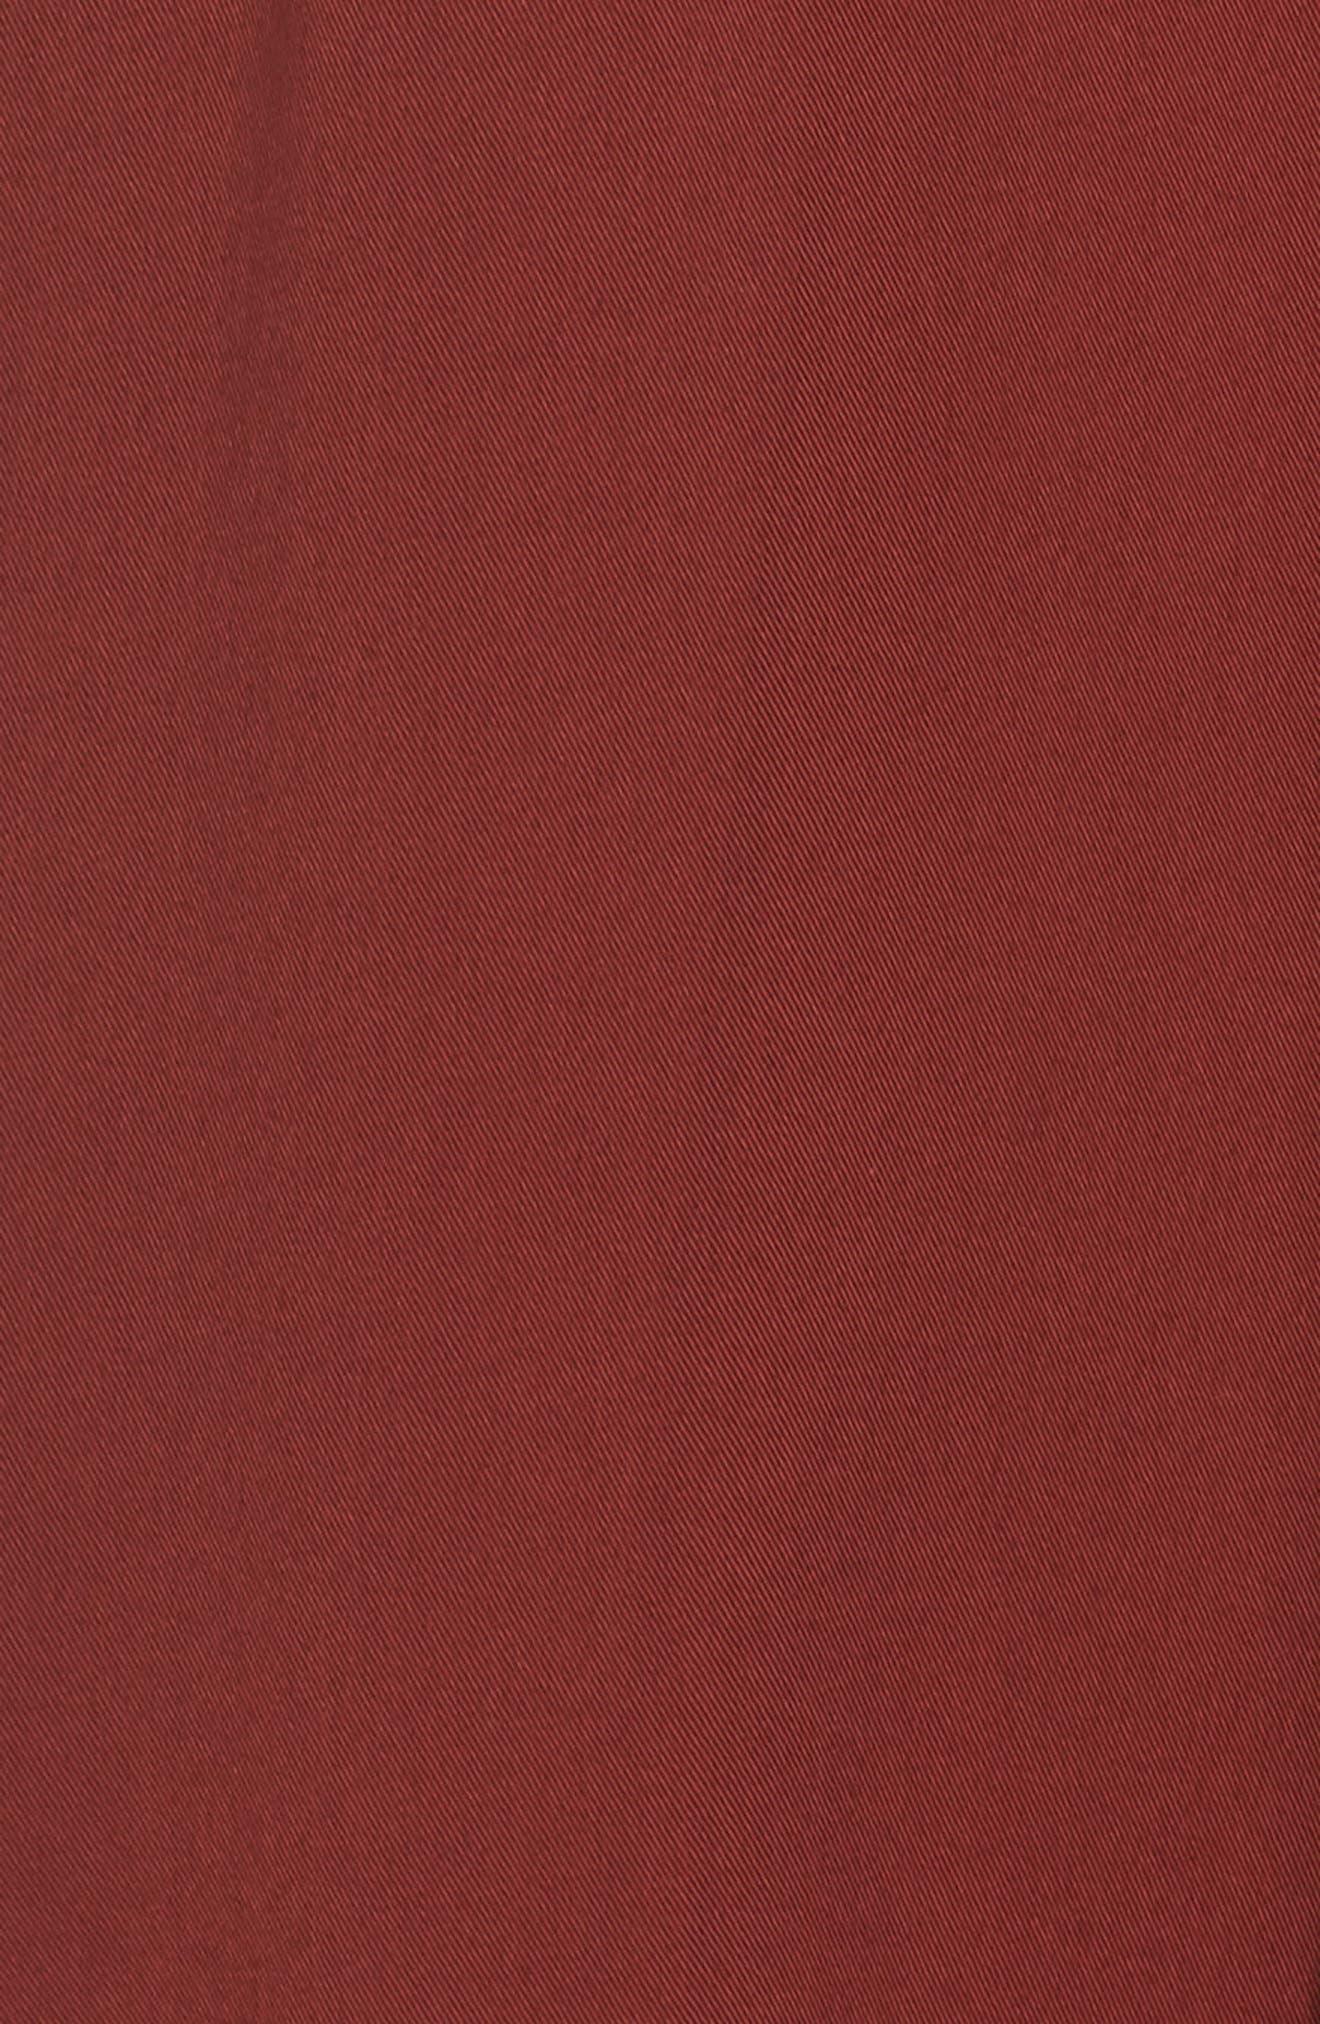 East Smocked Crop Jumpsuit,                             Alternate thumbnail 6, color,                             Cinnamon